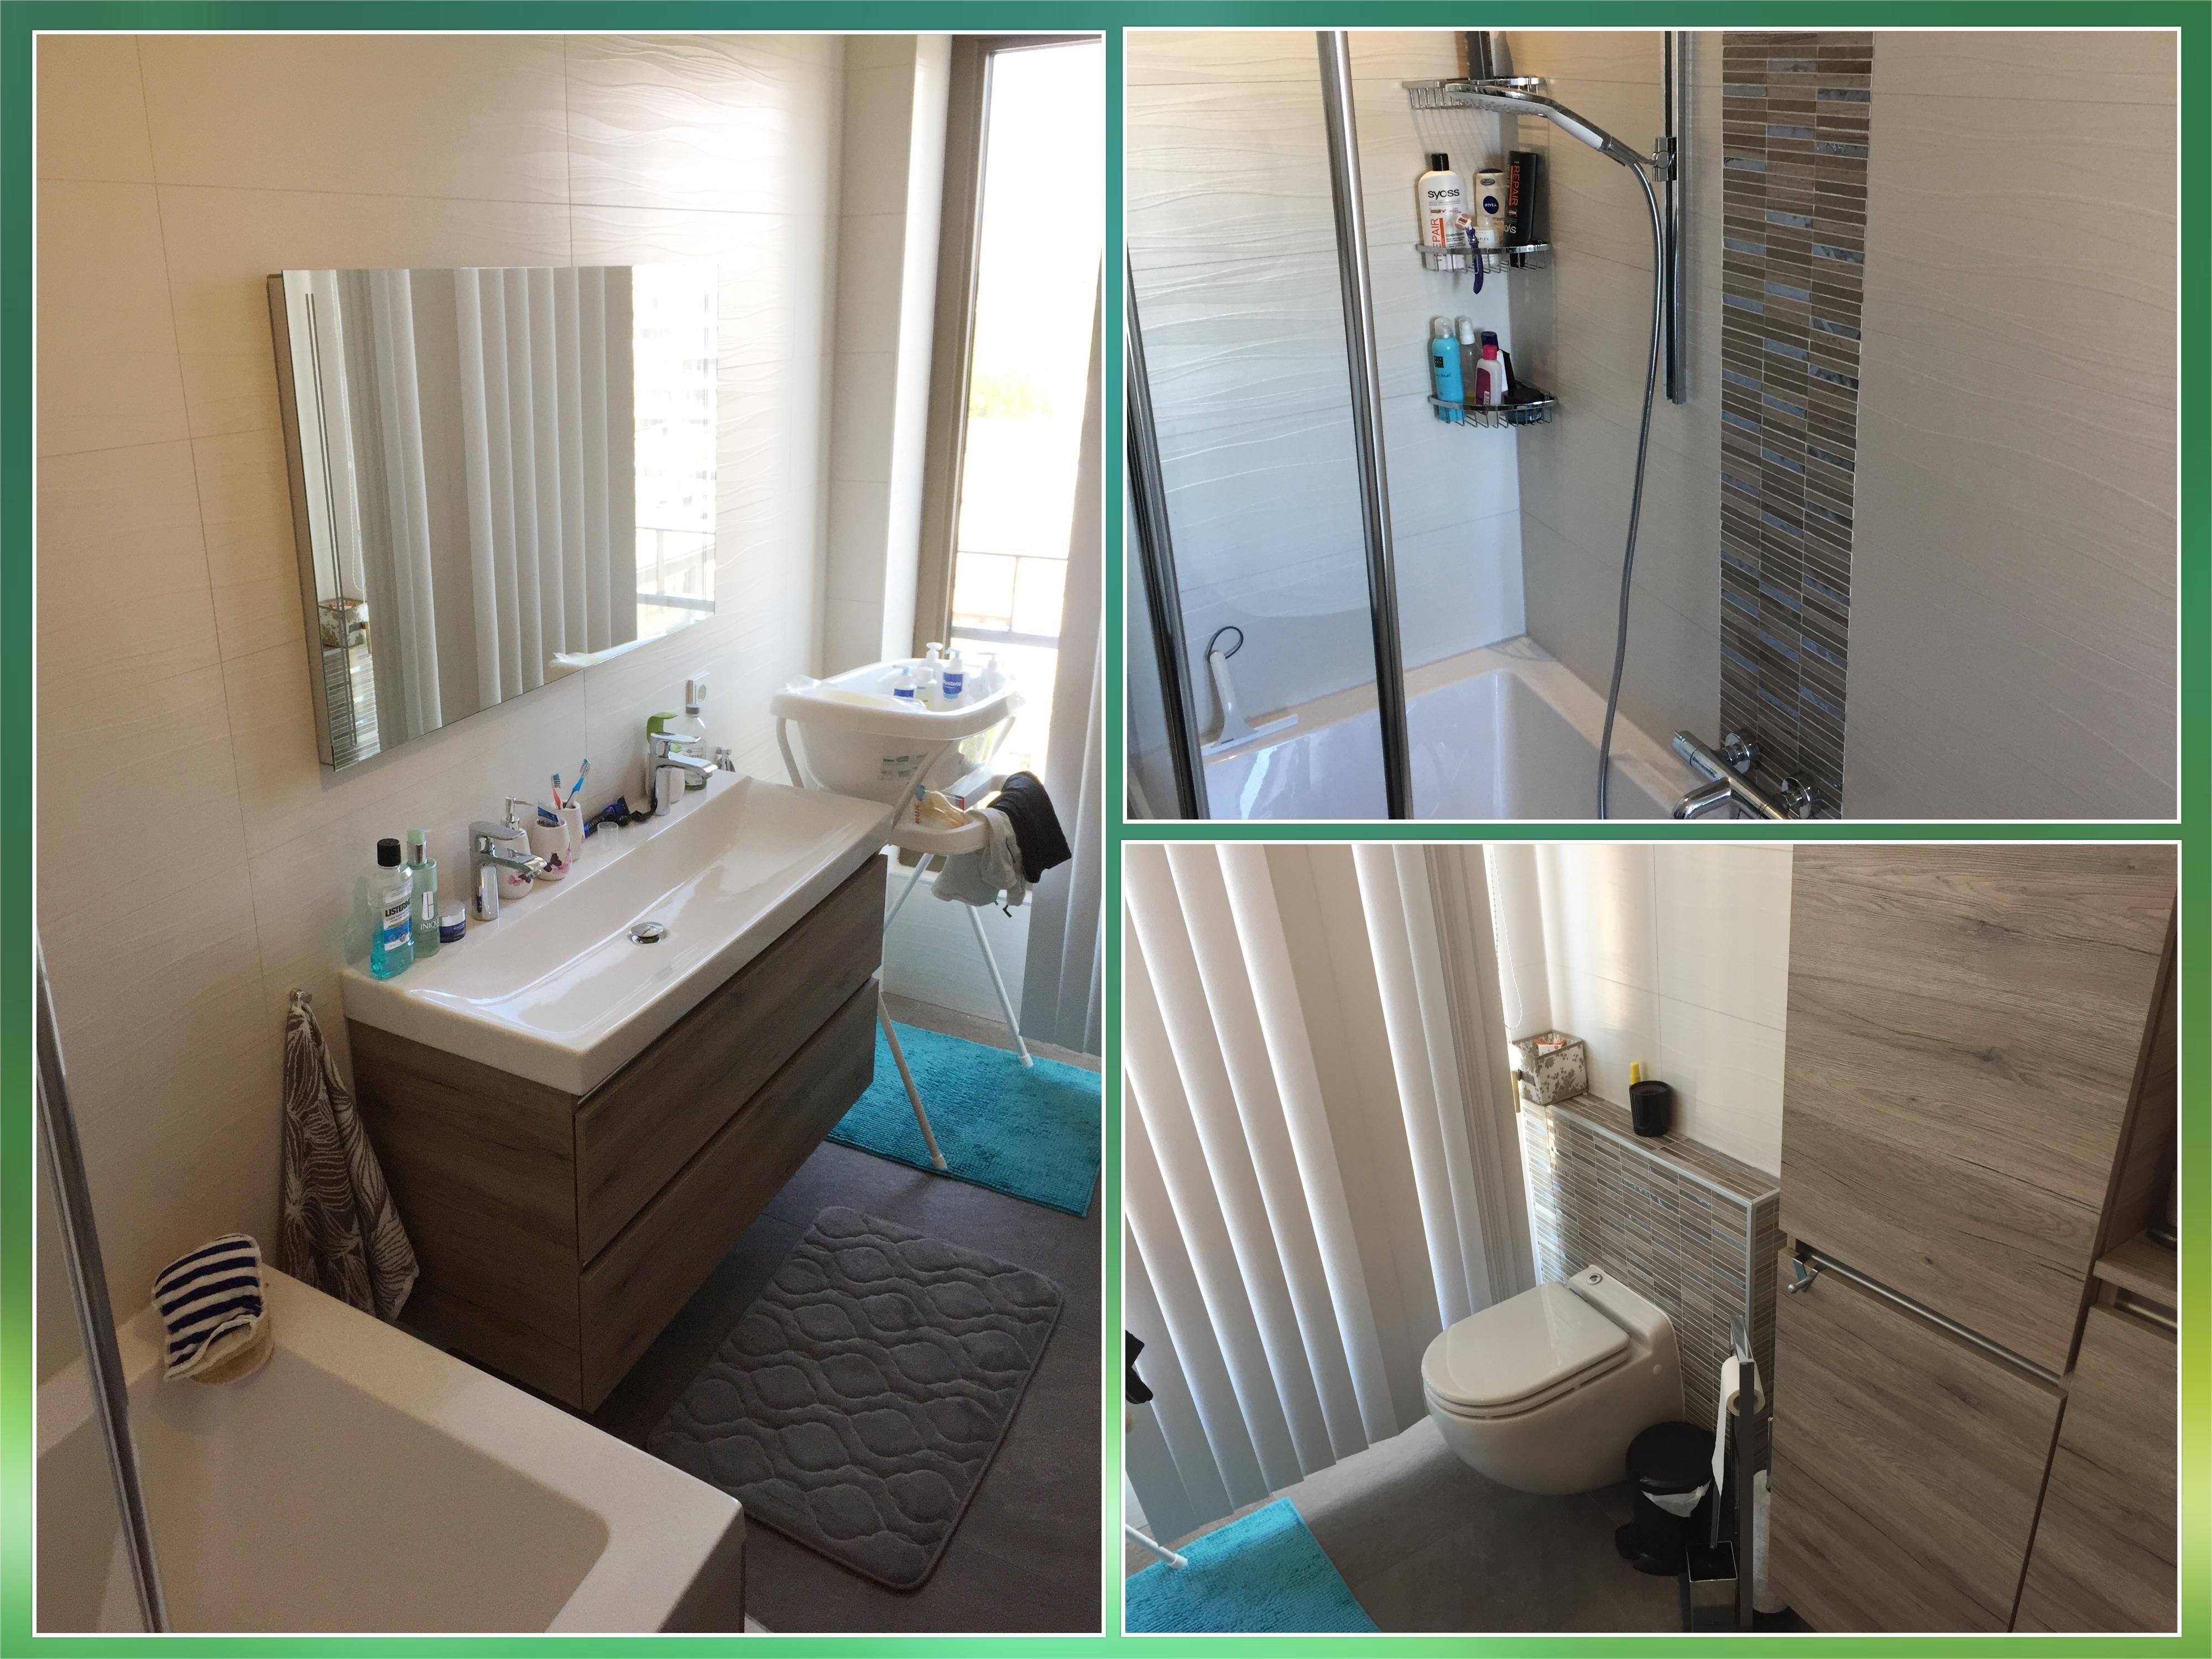 Grote Tegels Badkamer : Een rustige en stijlvolle #badkamer. grote tegels met een half glans